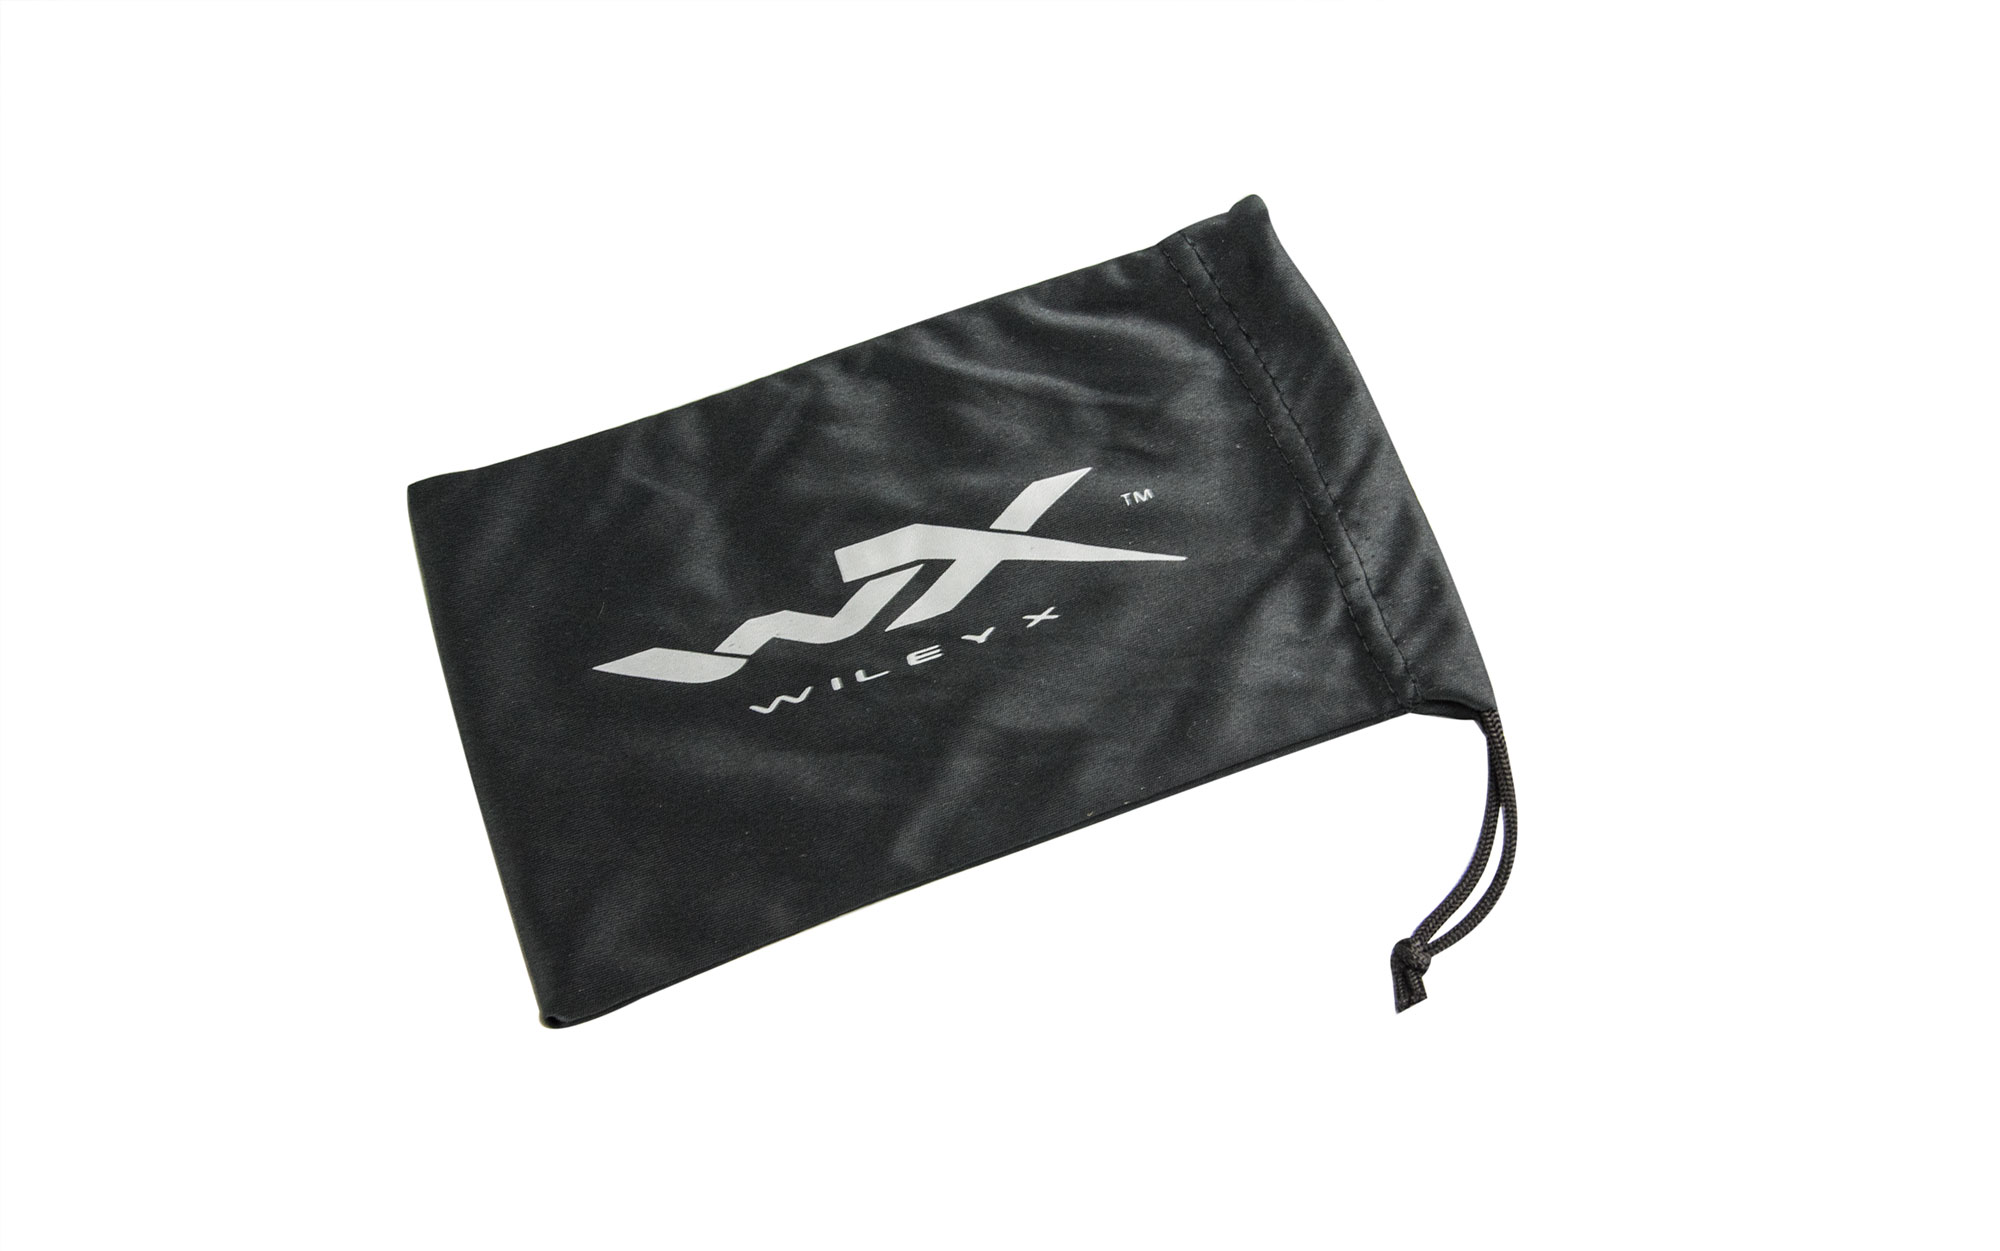 Microfiber Bag Image